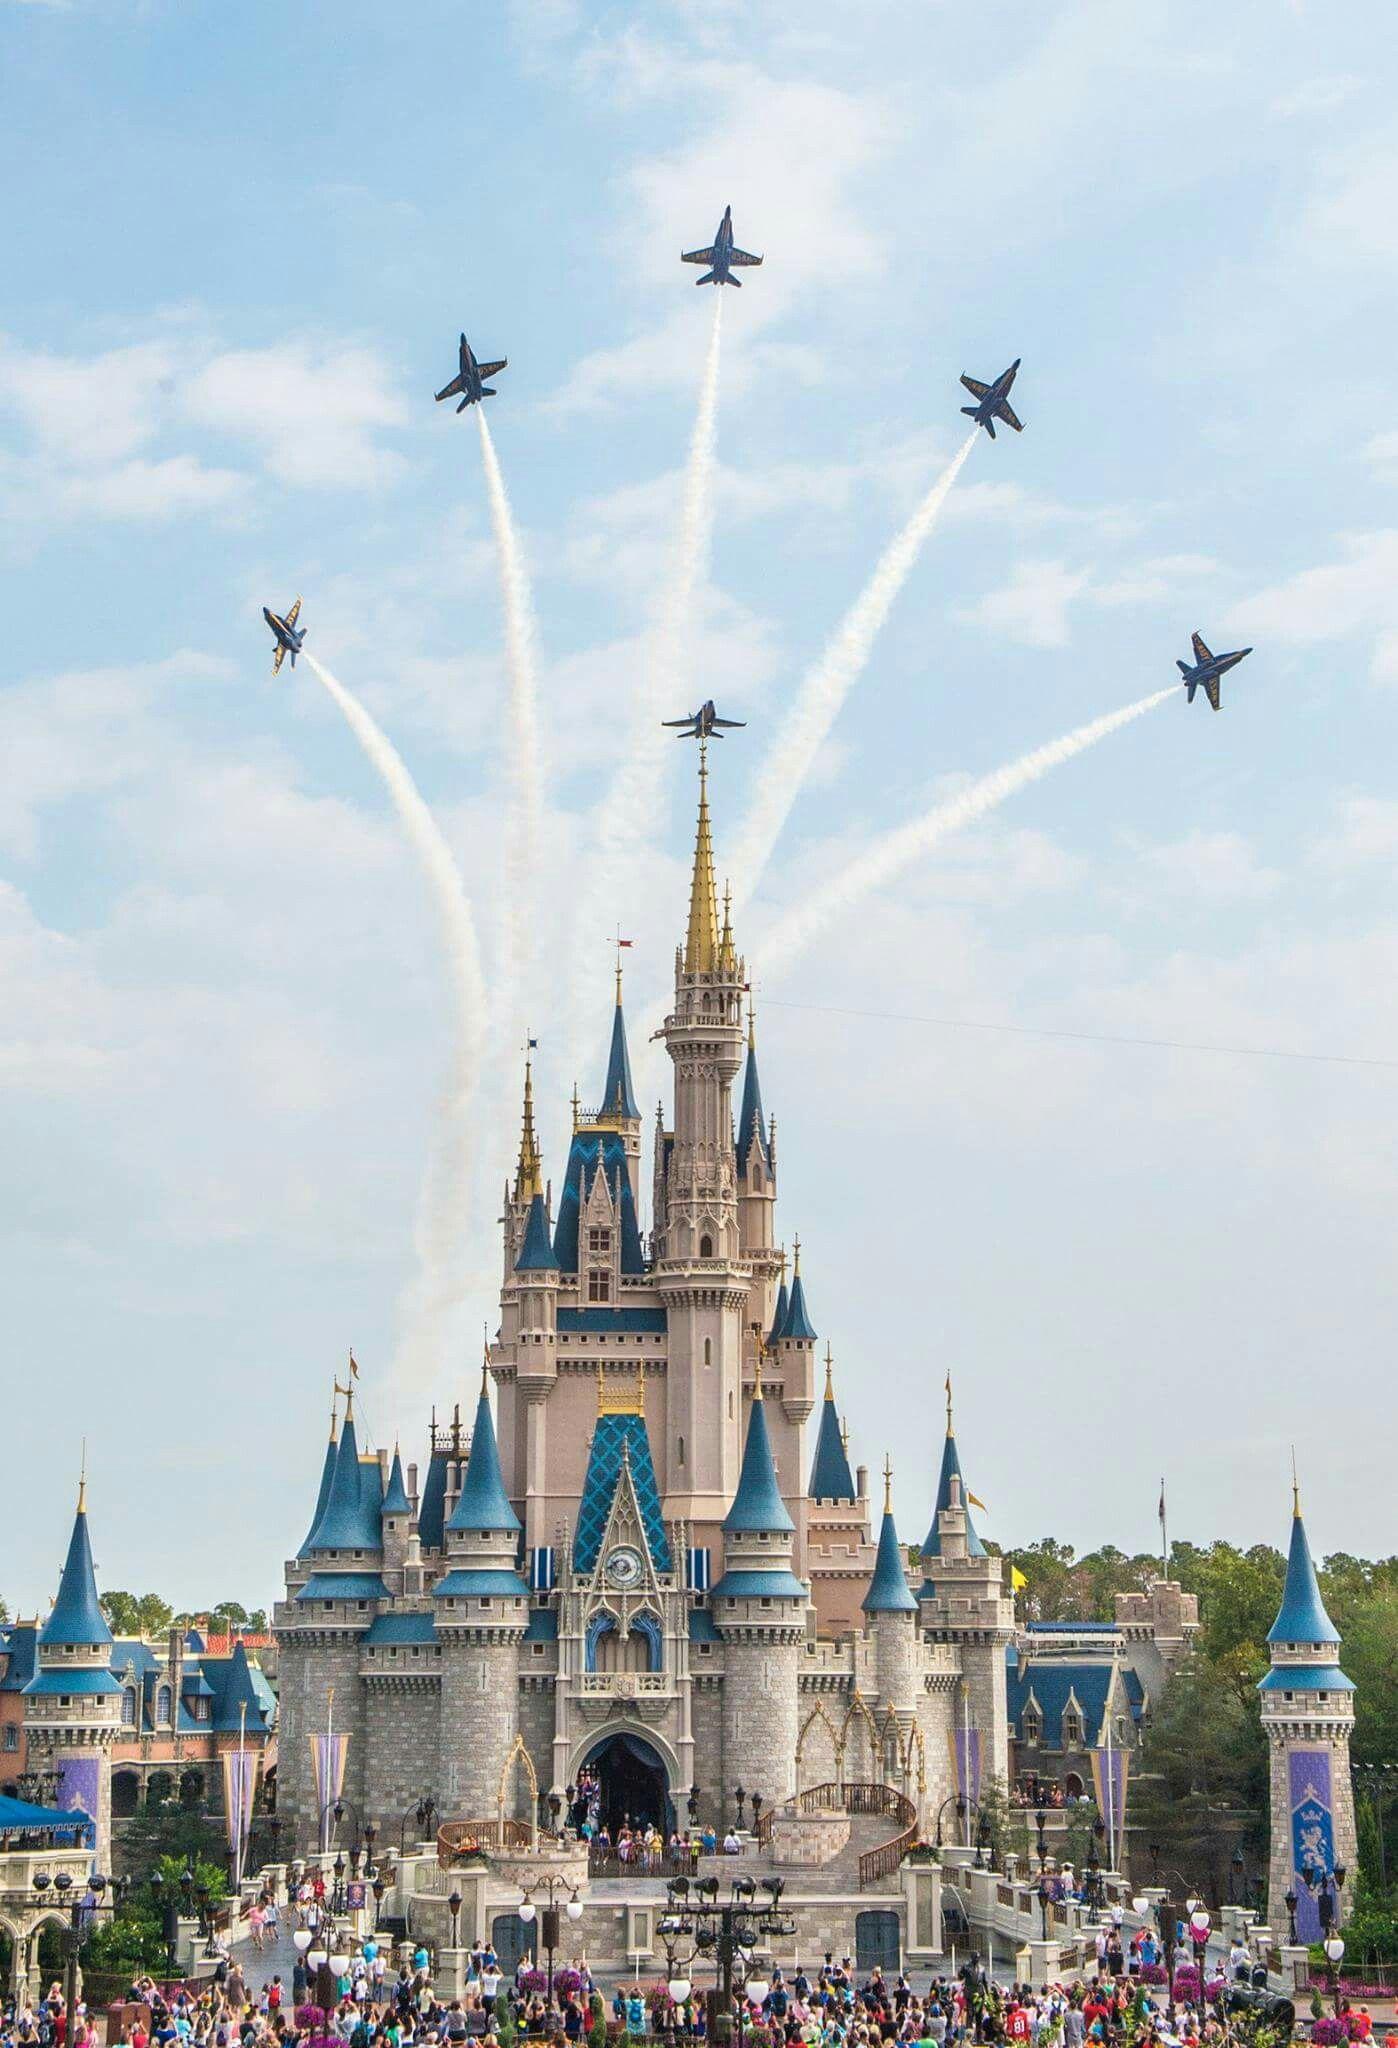 Disney World ディズニーテーマパーク 壁紙iphoneディズニー